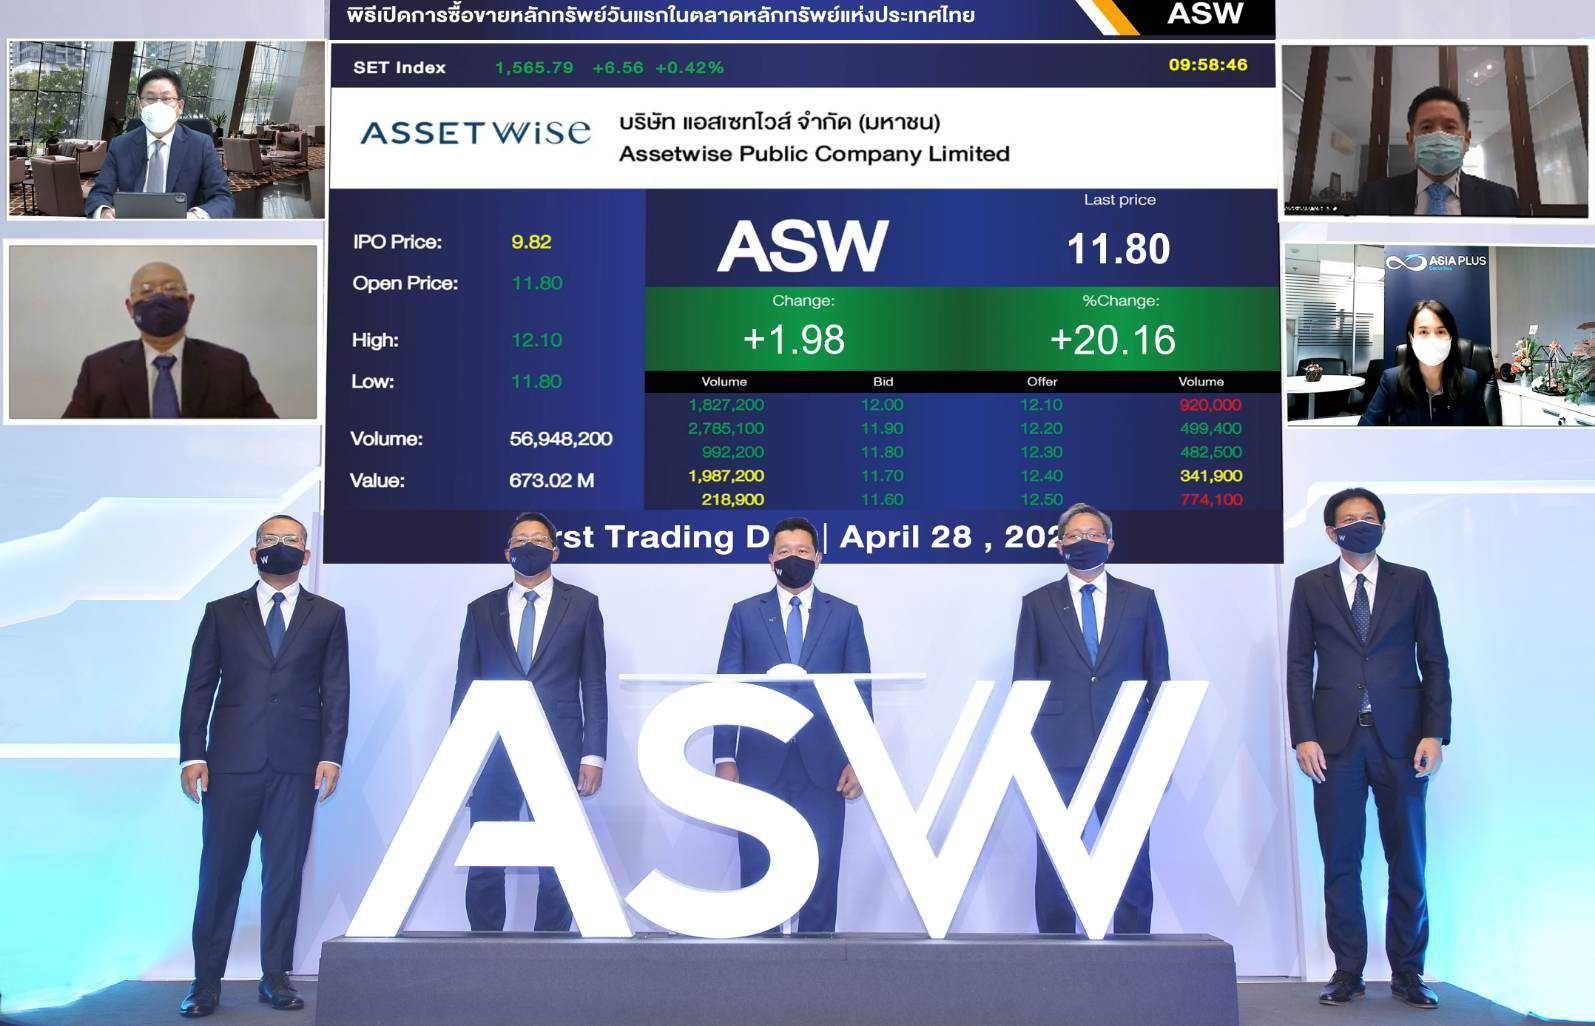 ASW 1st Trading Day ผู้บริหารแอสเซทไวส์ ร่วมพิธีเปิดการซื้อขายหลักทรัพย์วันแรก